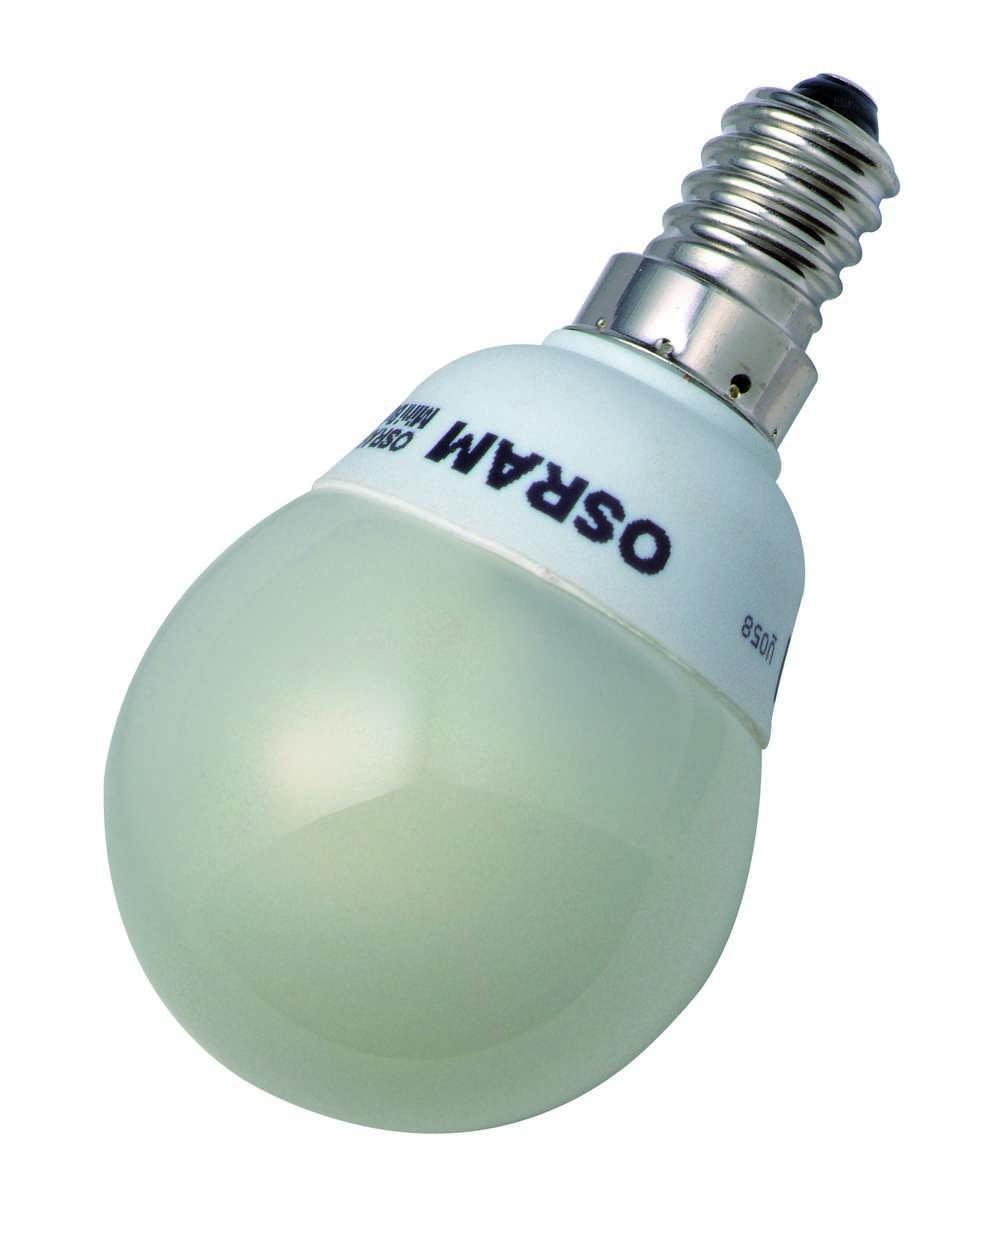 Spaarlamp Dstar Mbul E14 5w Wa W